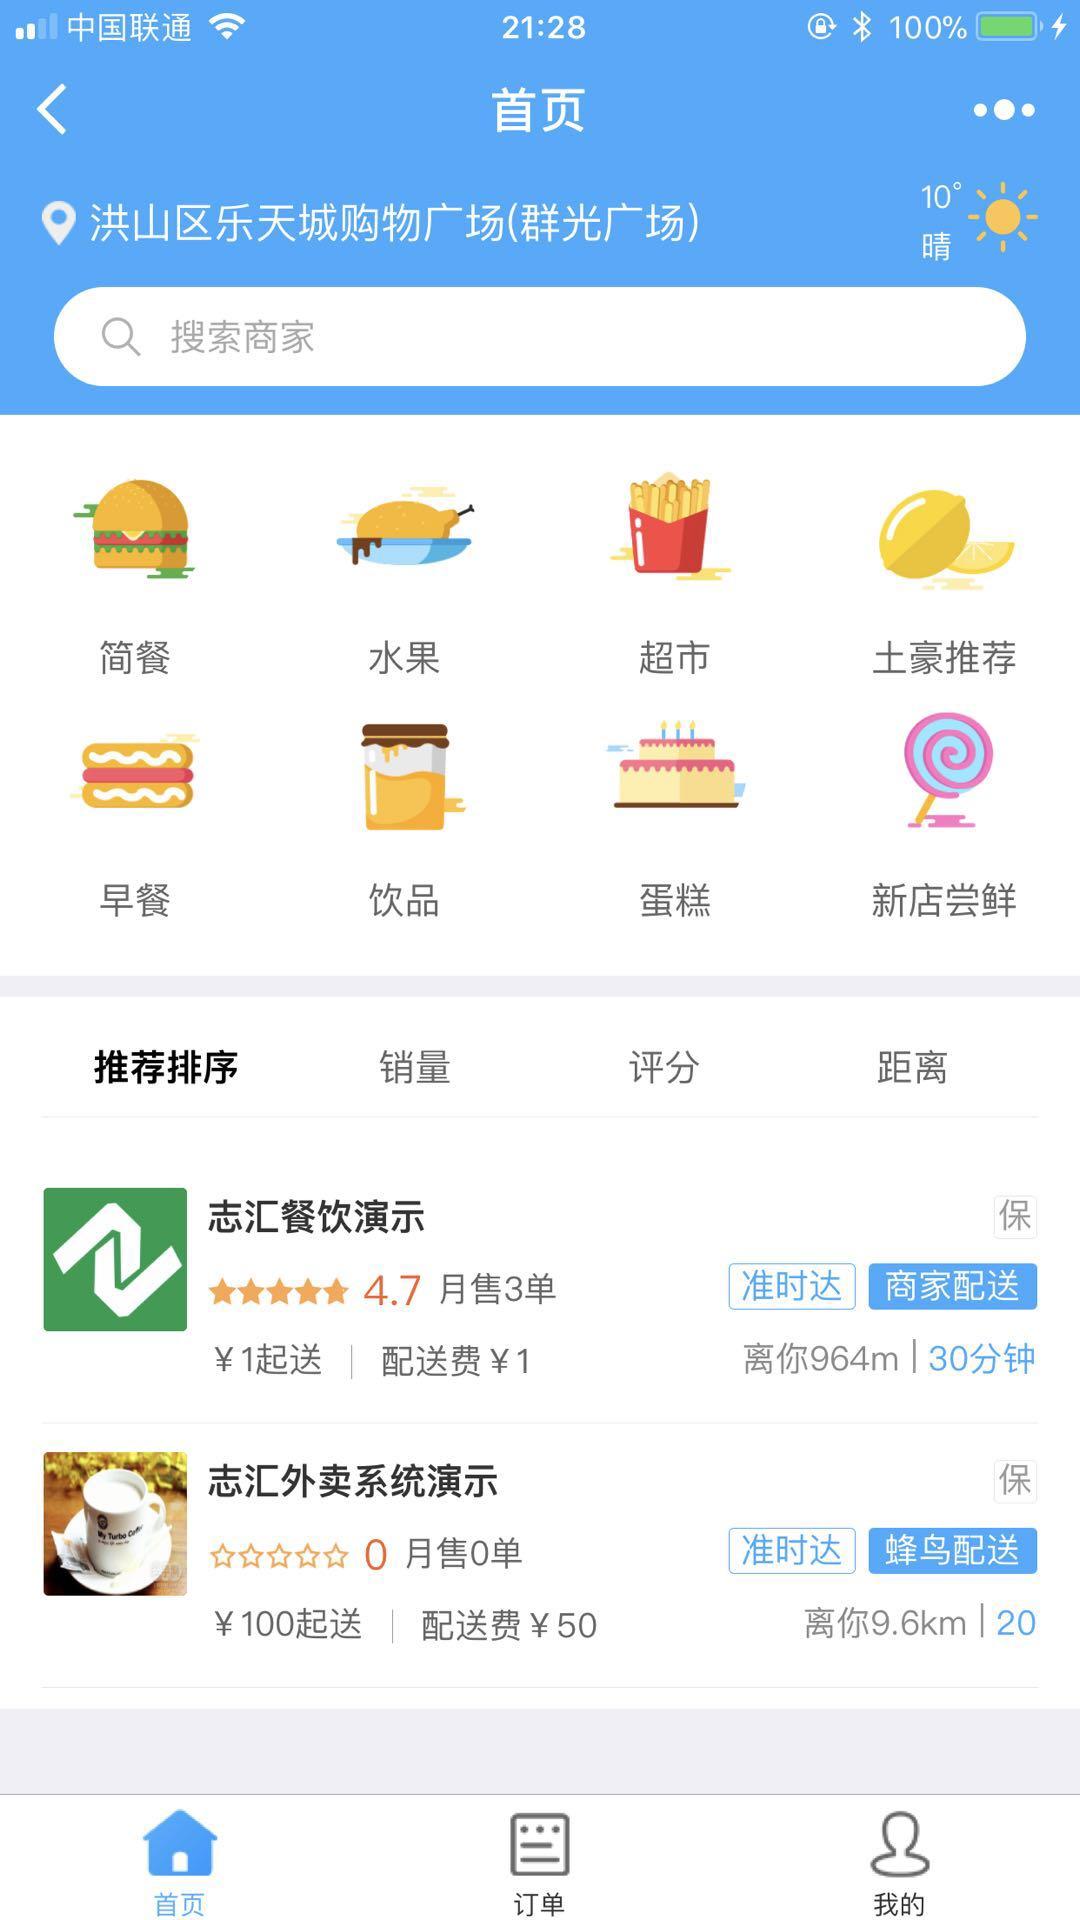 志汇餐饮外卖小程序5.41版本微擎微赞通用小程序